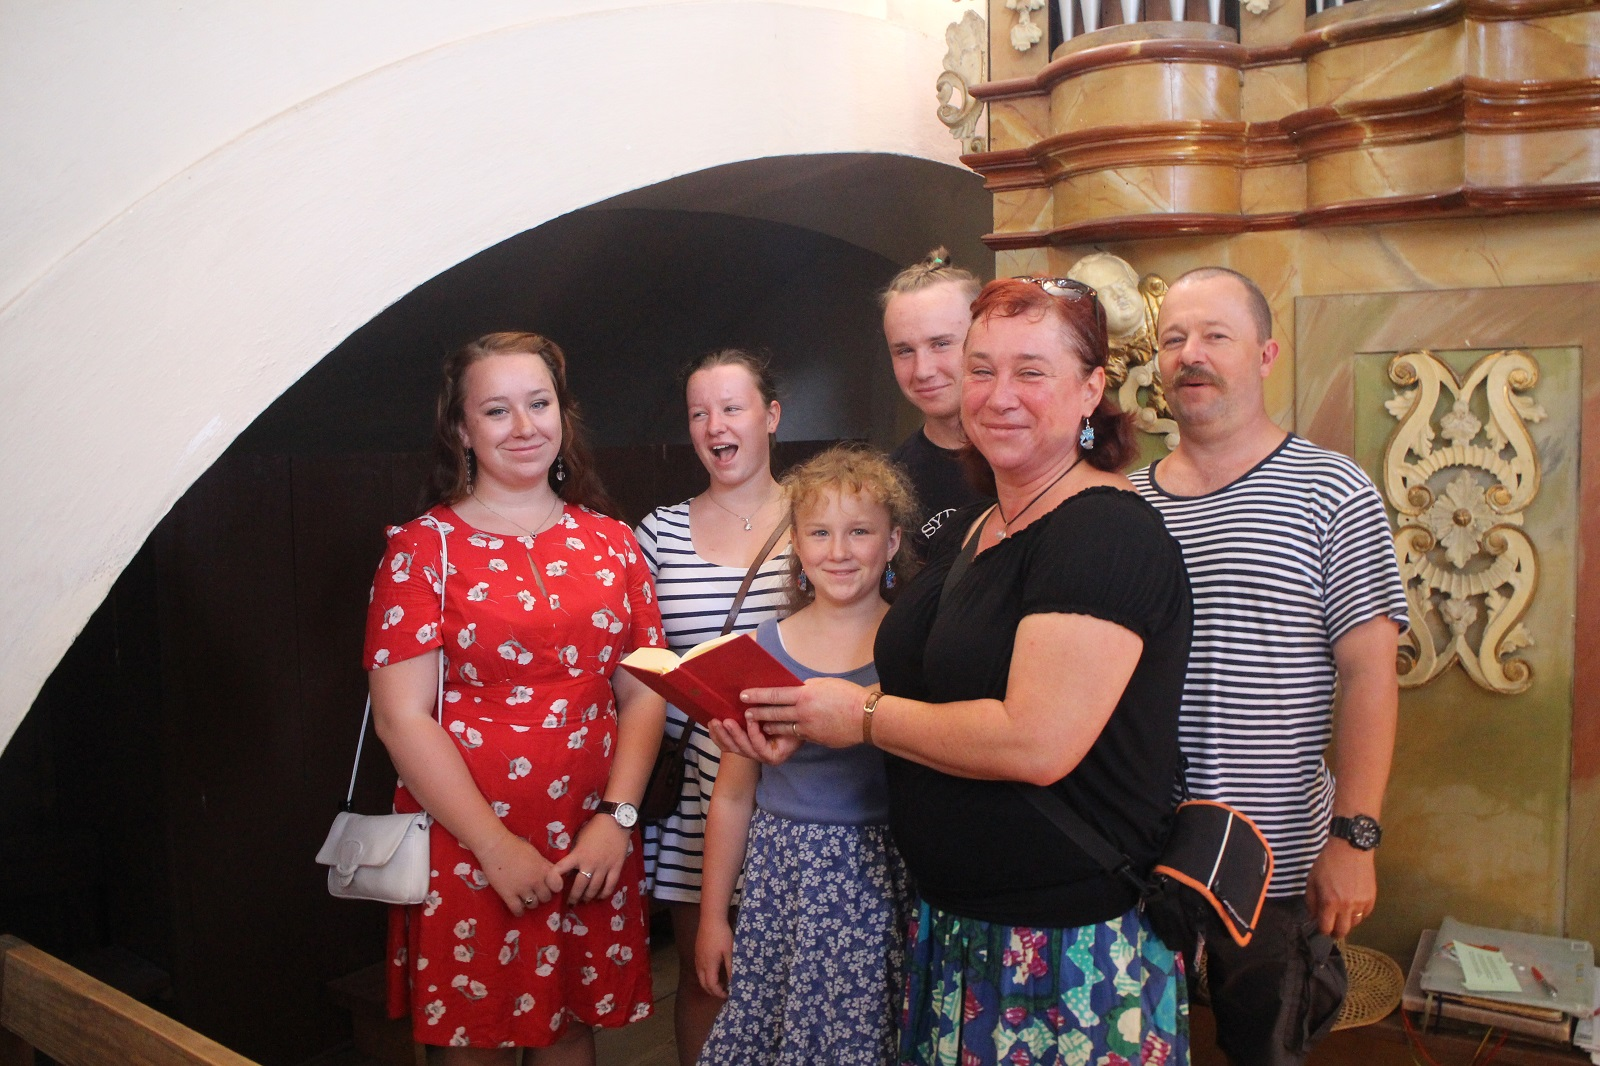 rodina Mádlíkova z Jindřichova doprovázela zpěvem mše sv. v Chlumu v létě 2018